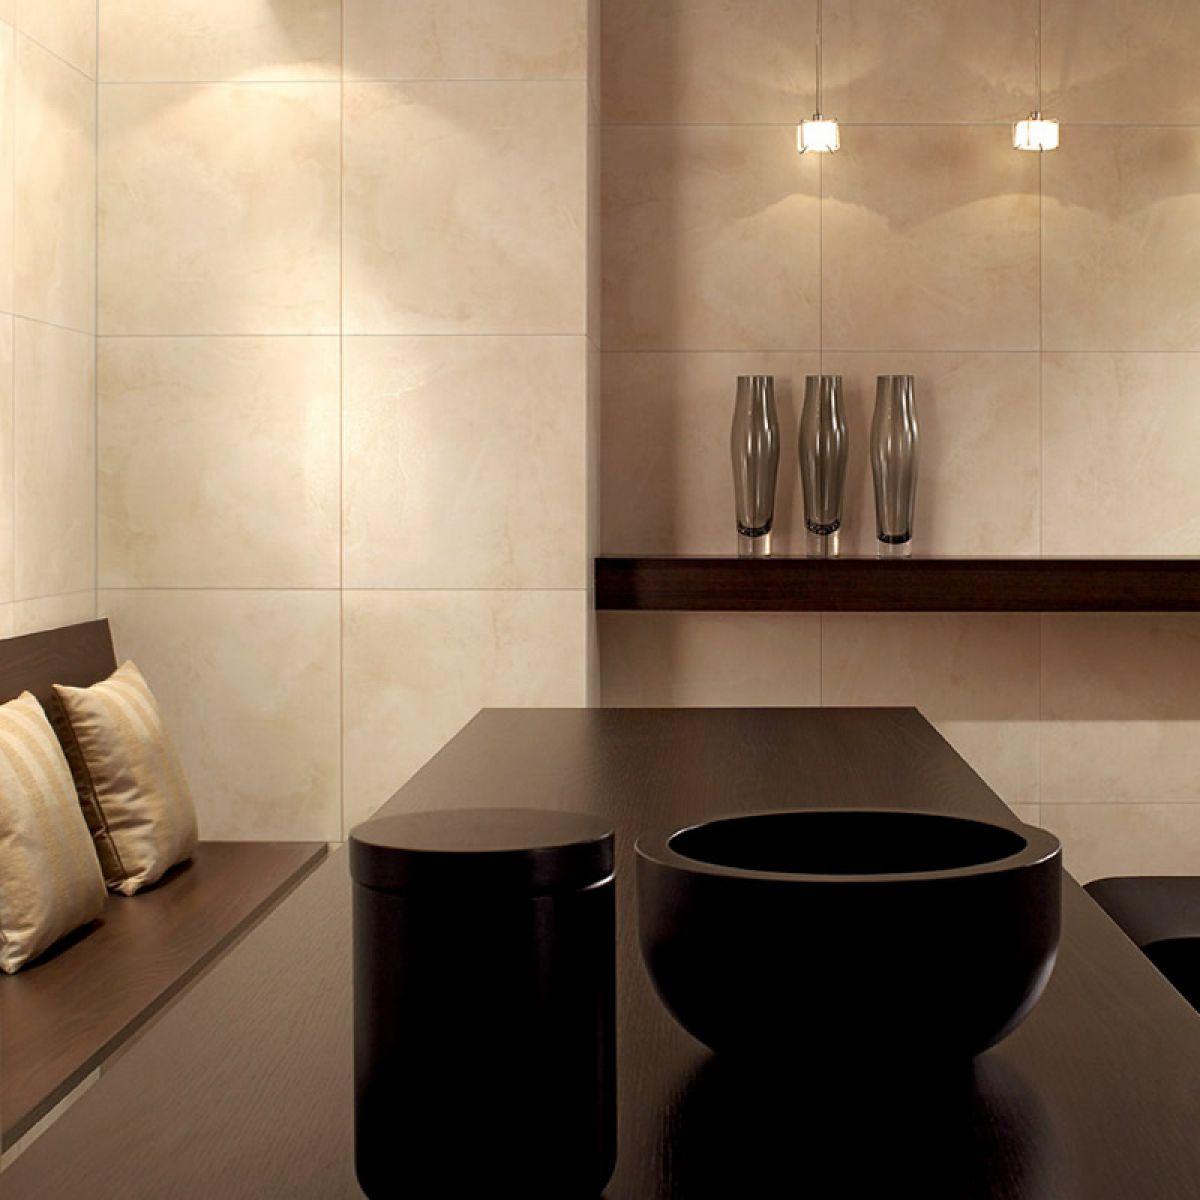 villeroy boch ivoire tile 2660 60 x 60cm uk bathrooms. Black Bedroom Furniture Sets. Home Design Ideas